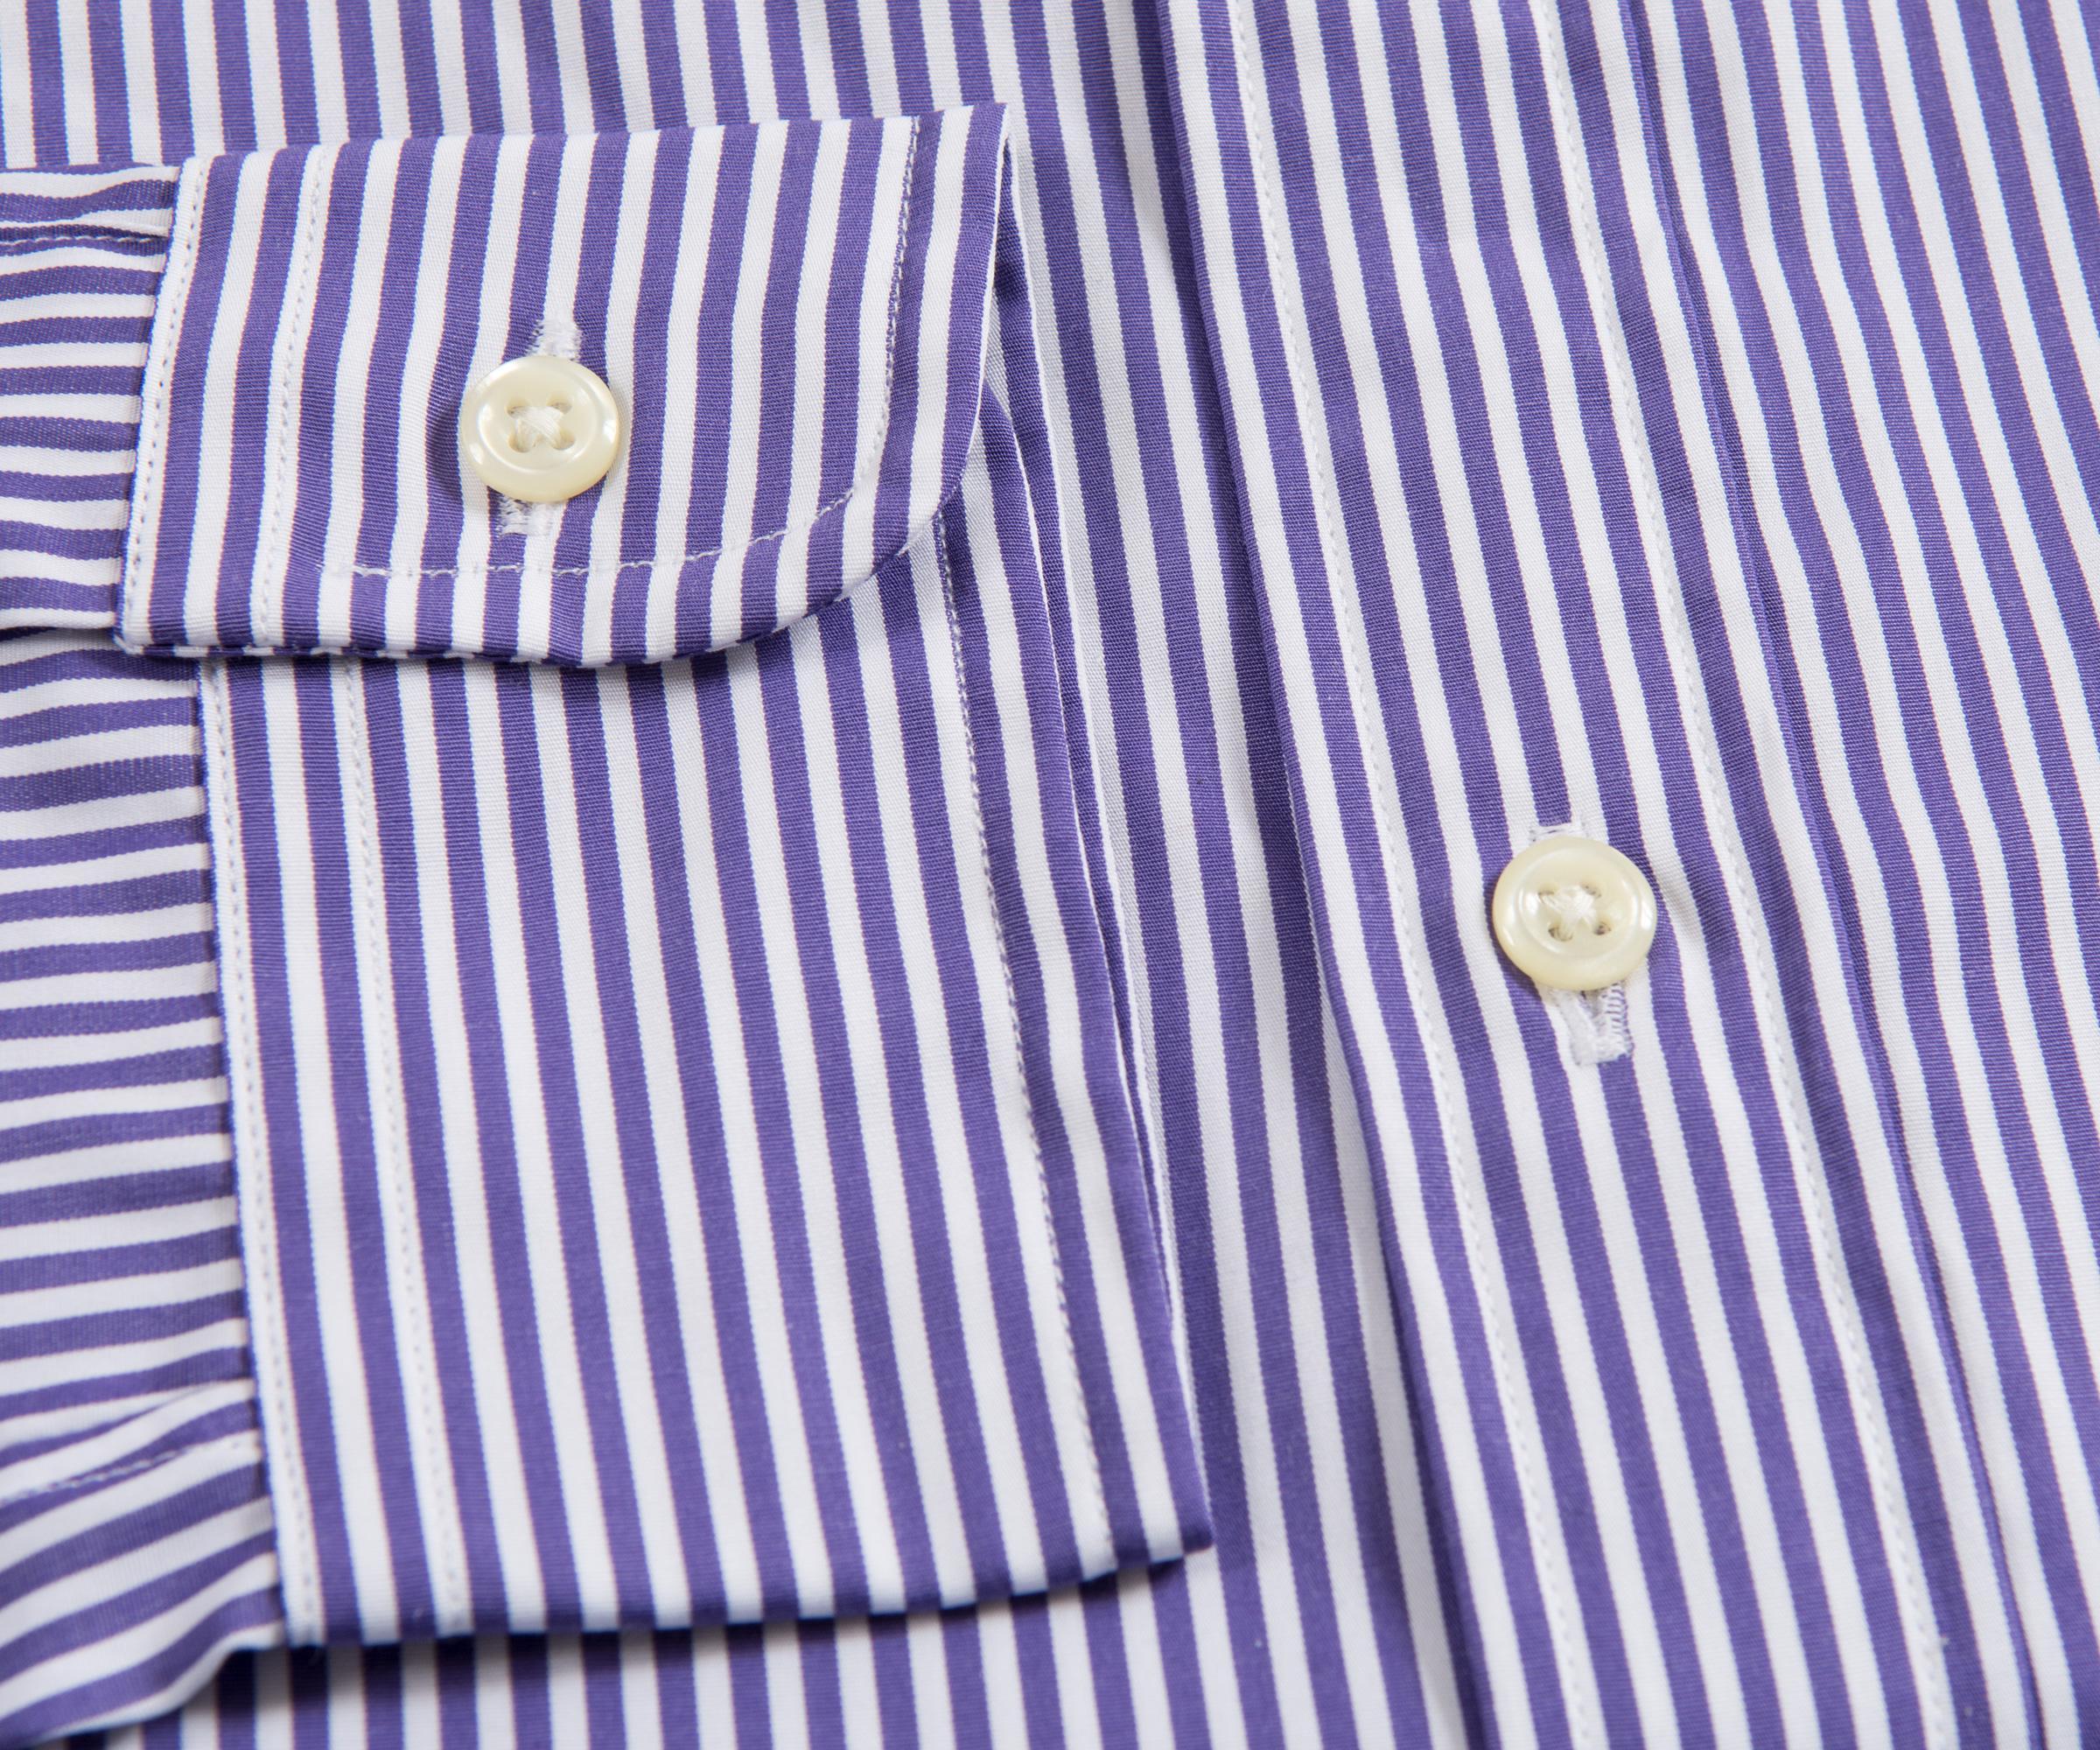 64d028e8 Ralph Lauren Slim Fit Button Down Bengal Stripe Mauve Purple/white ...